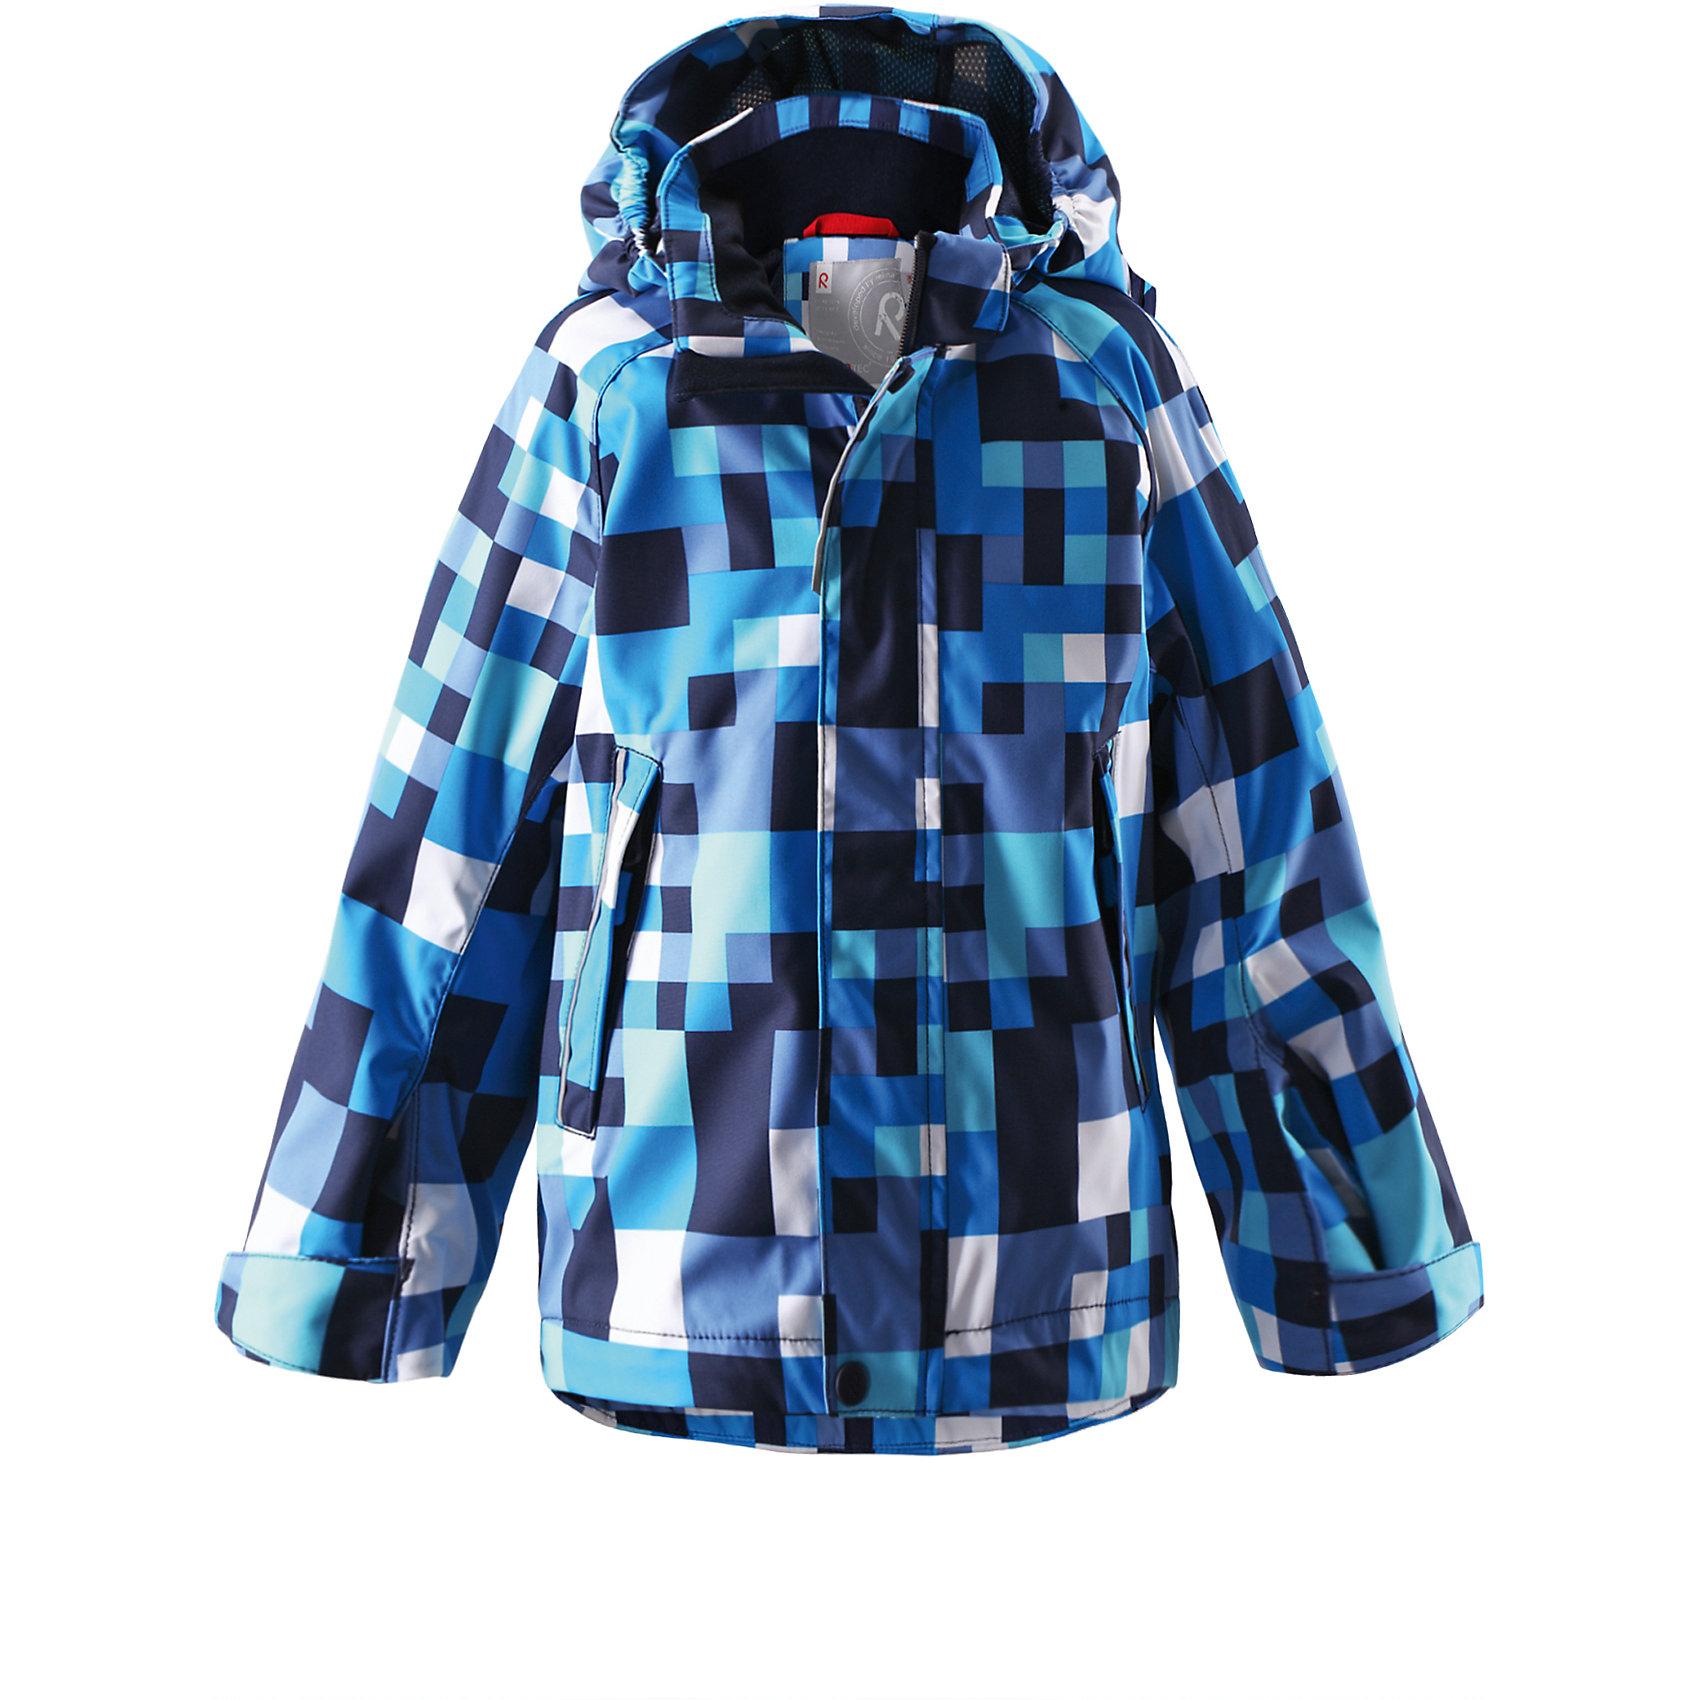 Куртка для мальчика Reimatec ReimaОдежда<br>Спортивная демисезонная куртка для круглогодичного использования, будь то дождь или солнечная погода. Добавив теплые средние слои, можно использовать куртку и в холодную погоду – обратите внимание на удобную систему кнопочных застежек Play Layers®, которая поможет легко пристегнуть к куртке несколько средних слоев Reima®. Высококачественный водонепроницаемый и дышащий материал сетчатой подкладки добавляет удобства. Съемный капюшон и светоотражающие детали обеспечивают безопасность во время игр на открытом воздухе, а карманы на молнии идеально сохраняют маленькие предметы.<br><br>Дополнительная информация:<br><br>Куртка демисезонная для детей<br>Все швы проклеены и водонепроницаемы<br>Водо- и ветронепроницаемый, «дышащий» и грязеотталкивающий материал<br>Подкладка из mesh-сетки<br>Безопасный, отстегивающийся и регулируемый капюшон<br>Два кармана на молнии<br>Безопасные светоотражающие детали<br>Состав:<br>100% ПЭ, ПУ-покрытие<br>Уход:<br>Стирать по отдельности, вывернув наизнанку. Застегнуть молнии и липучки. Стирать моющим средством, не содержащим отбеливающие вещества. Полоскать без специального средства. Во избежание изменения цвета изделие необходимо вынуть из стиральной машинки незамедлительно после окончания программы стирки. Можно сушить в сушильном шкафу или центрифуге (макс. 40° C).<br><br>Ширина мм: 356<br>Глубина мм: 10<br>Высота мм: 245<br>Вес г: 519<br>Цвет: голубой<br>Возраст от месяцев: 60<br>Возраст до месяцев: 72<br>Пол: Мужской<br>Возраст: Детский<br>Размер: 116,140,134,104,110,122,128<br>SKU: 4497393